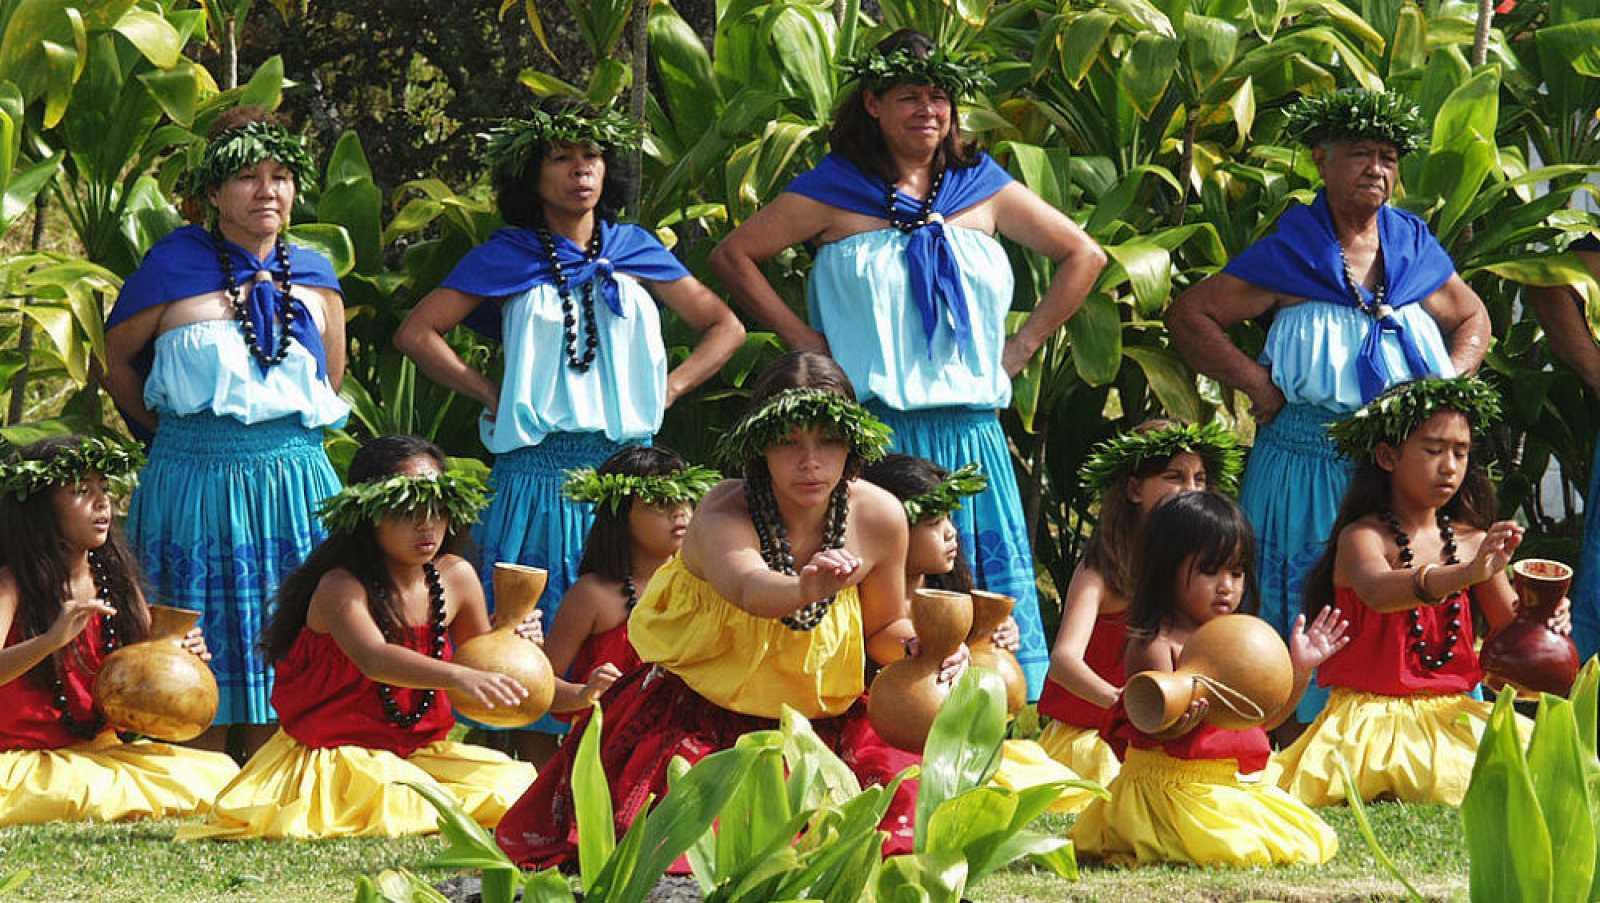 Nómadas - Hawái, perdidos en el Pacífico - 31/08/14 - Escuchar ahora